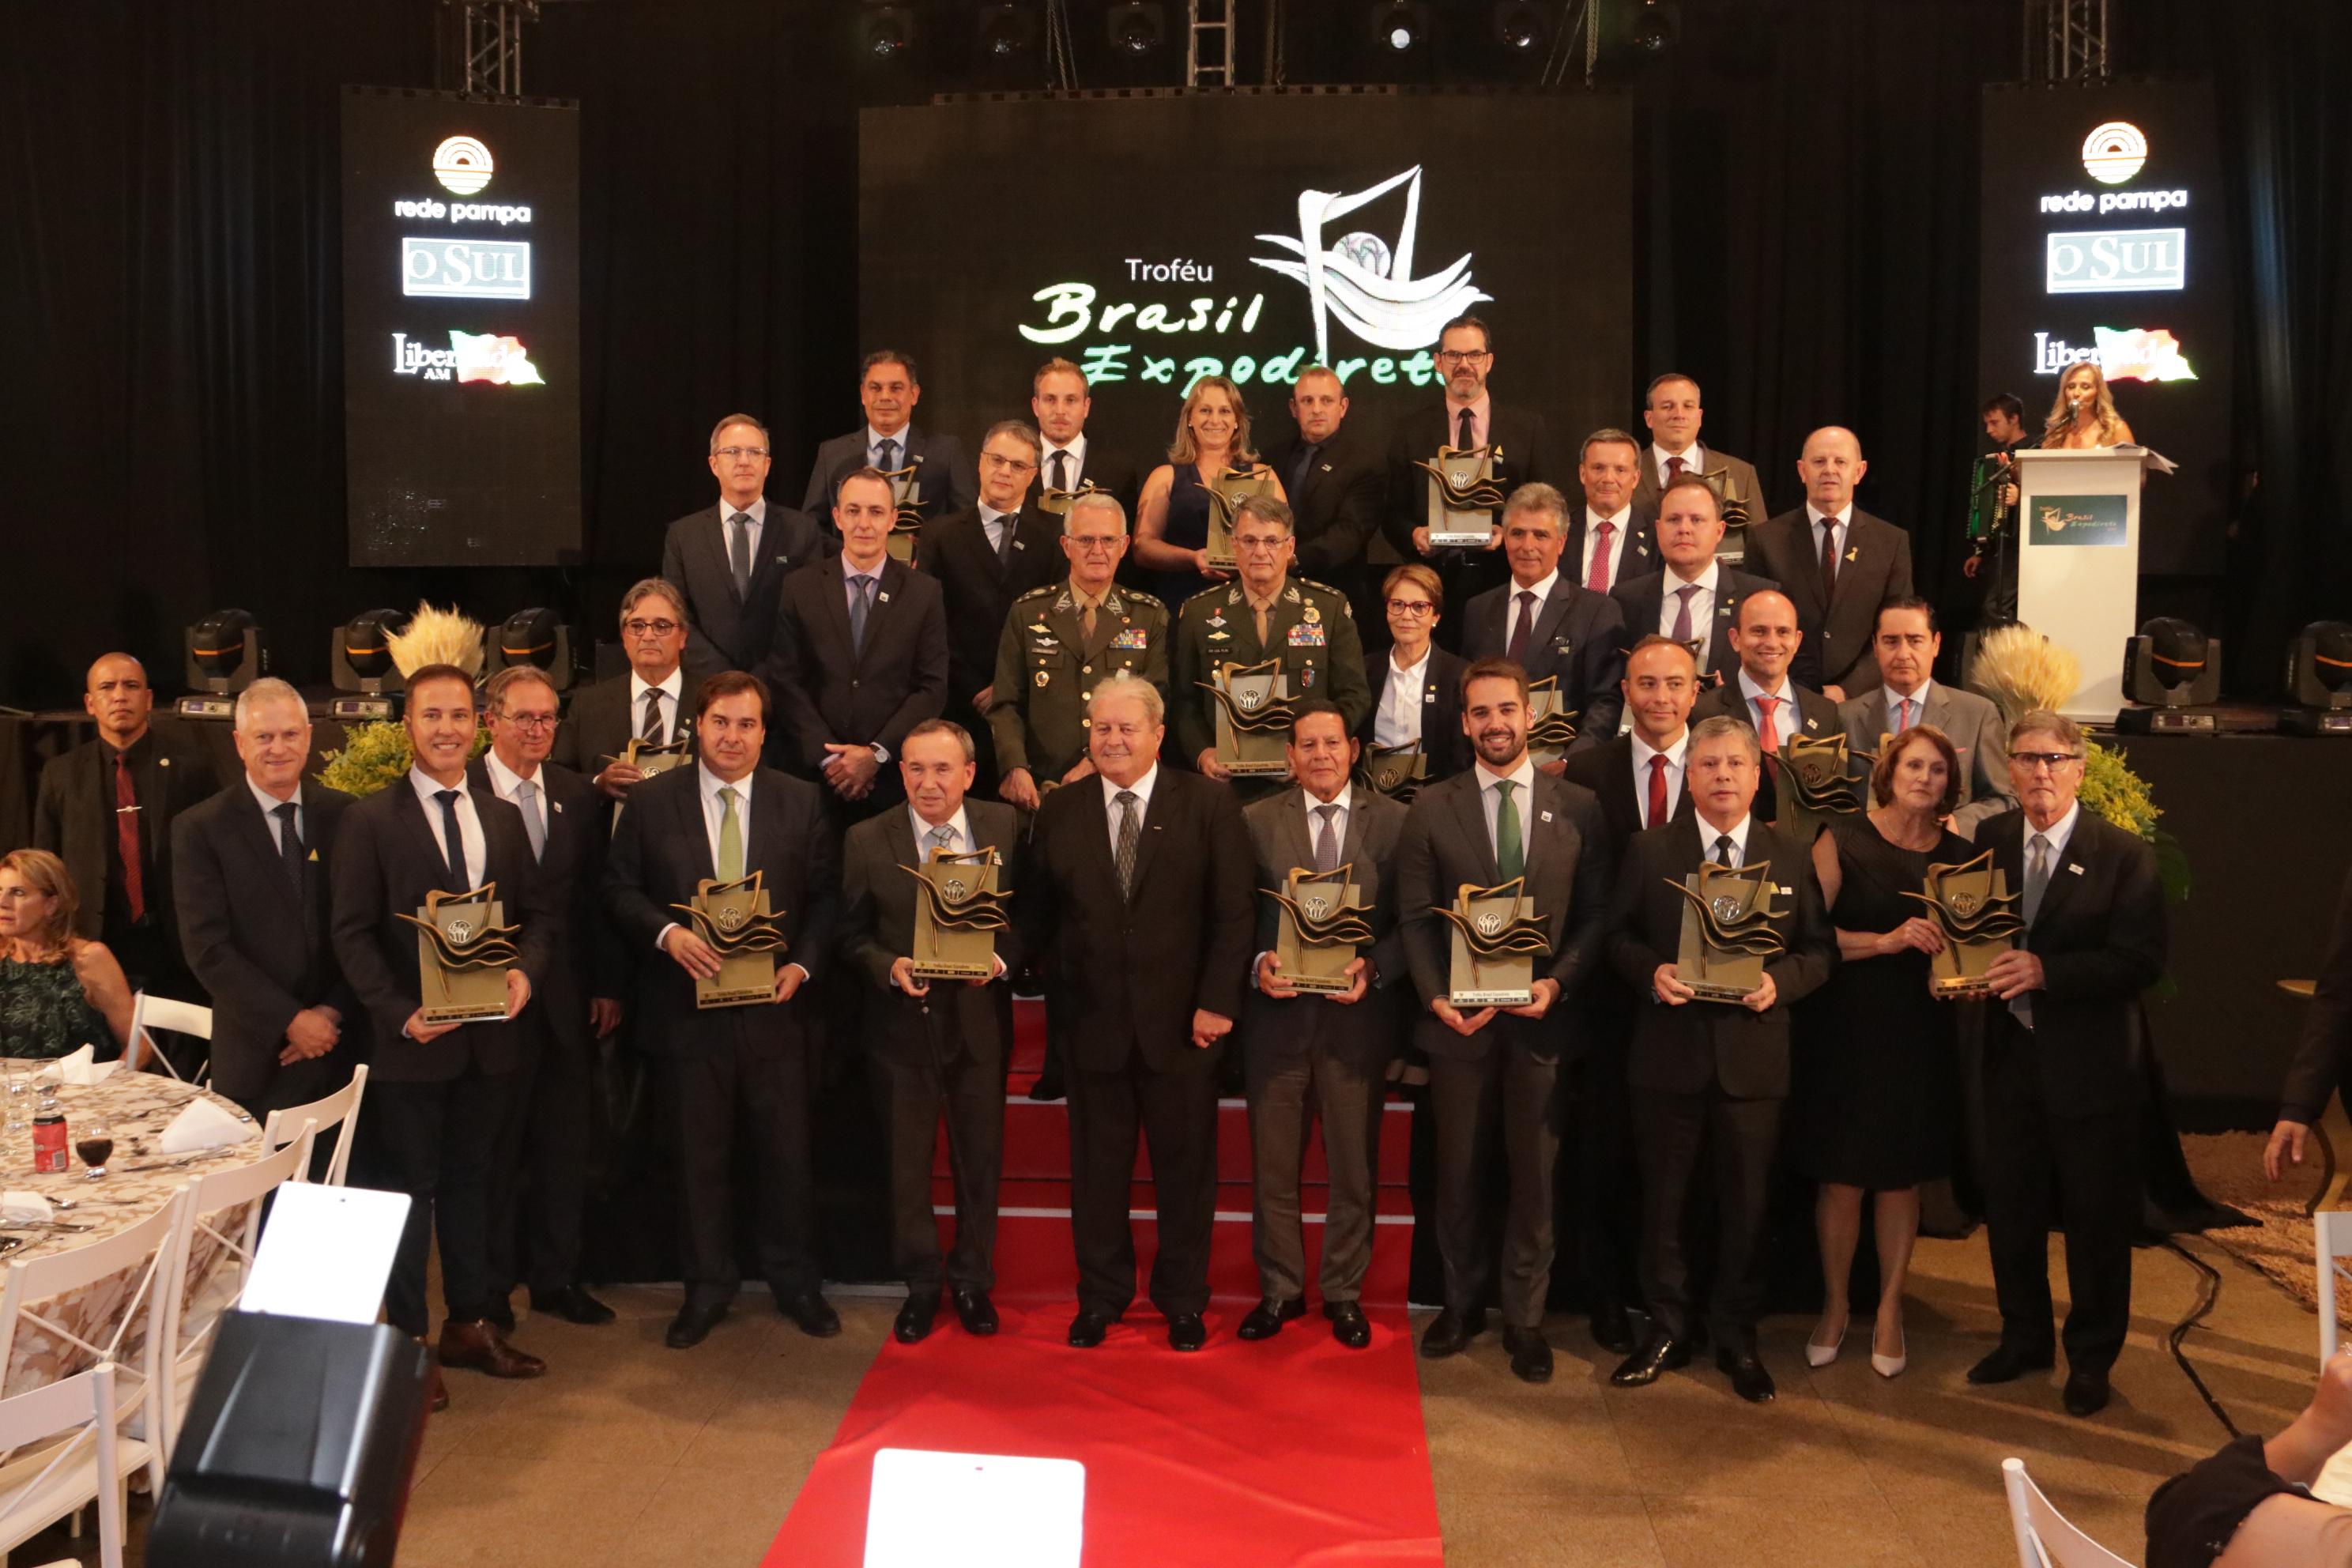 A foto oficial dos premiados marcou o encerramento do evento, com a presença do governador do Estado, Eduardo Leite. (Foto: Sandro Castro)